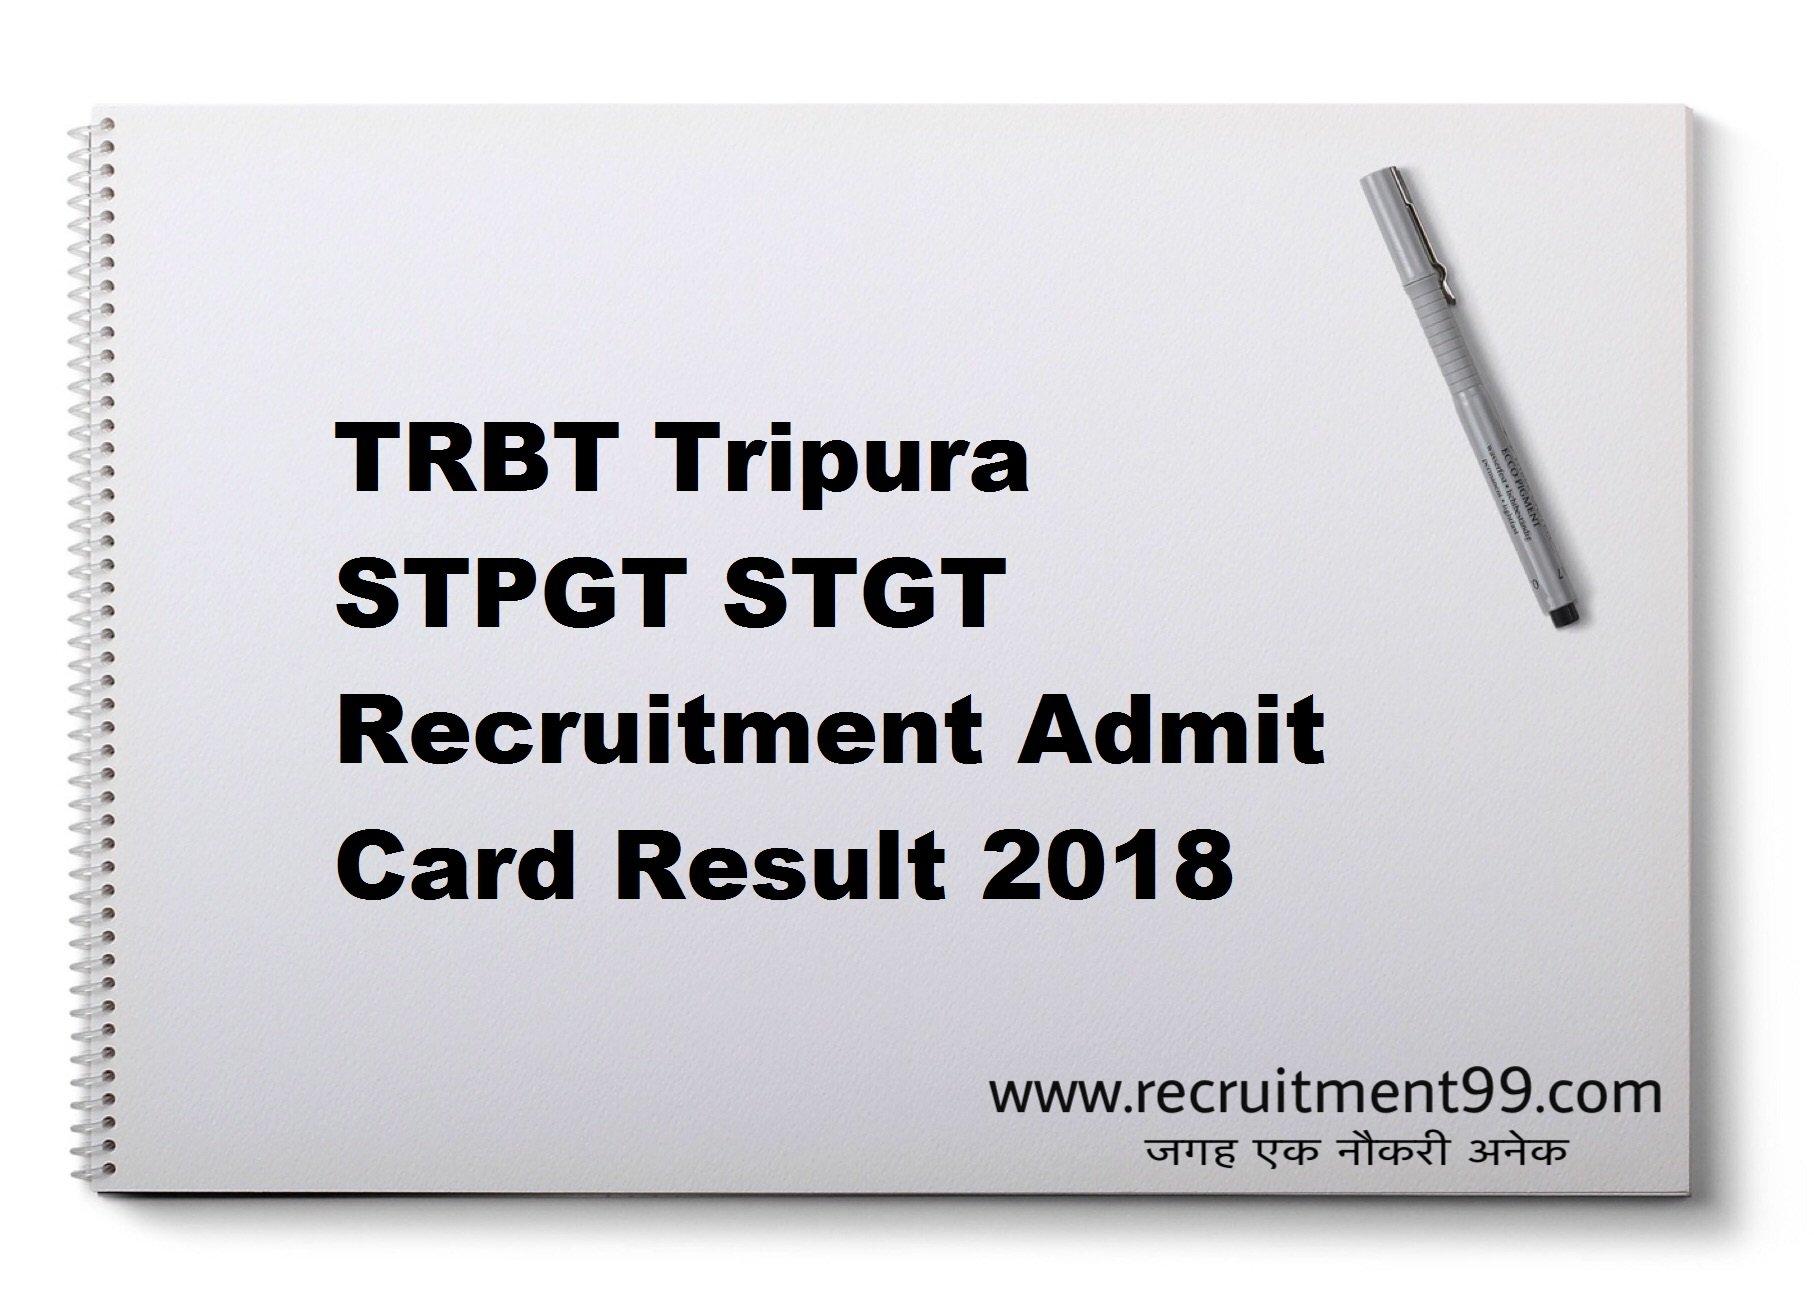 TRBT Tripura STPGT STGT Recruitment Admit Card Result 2018